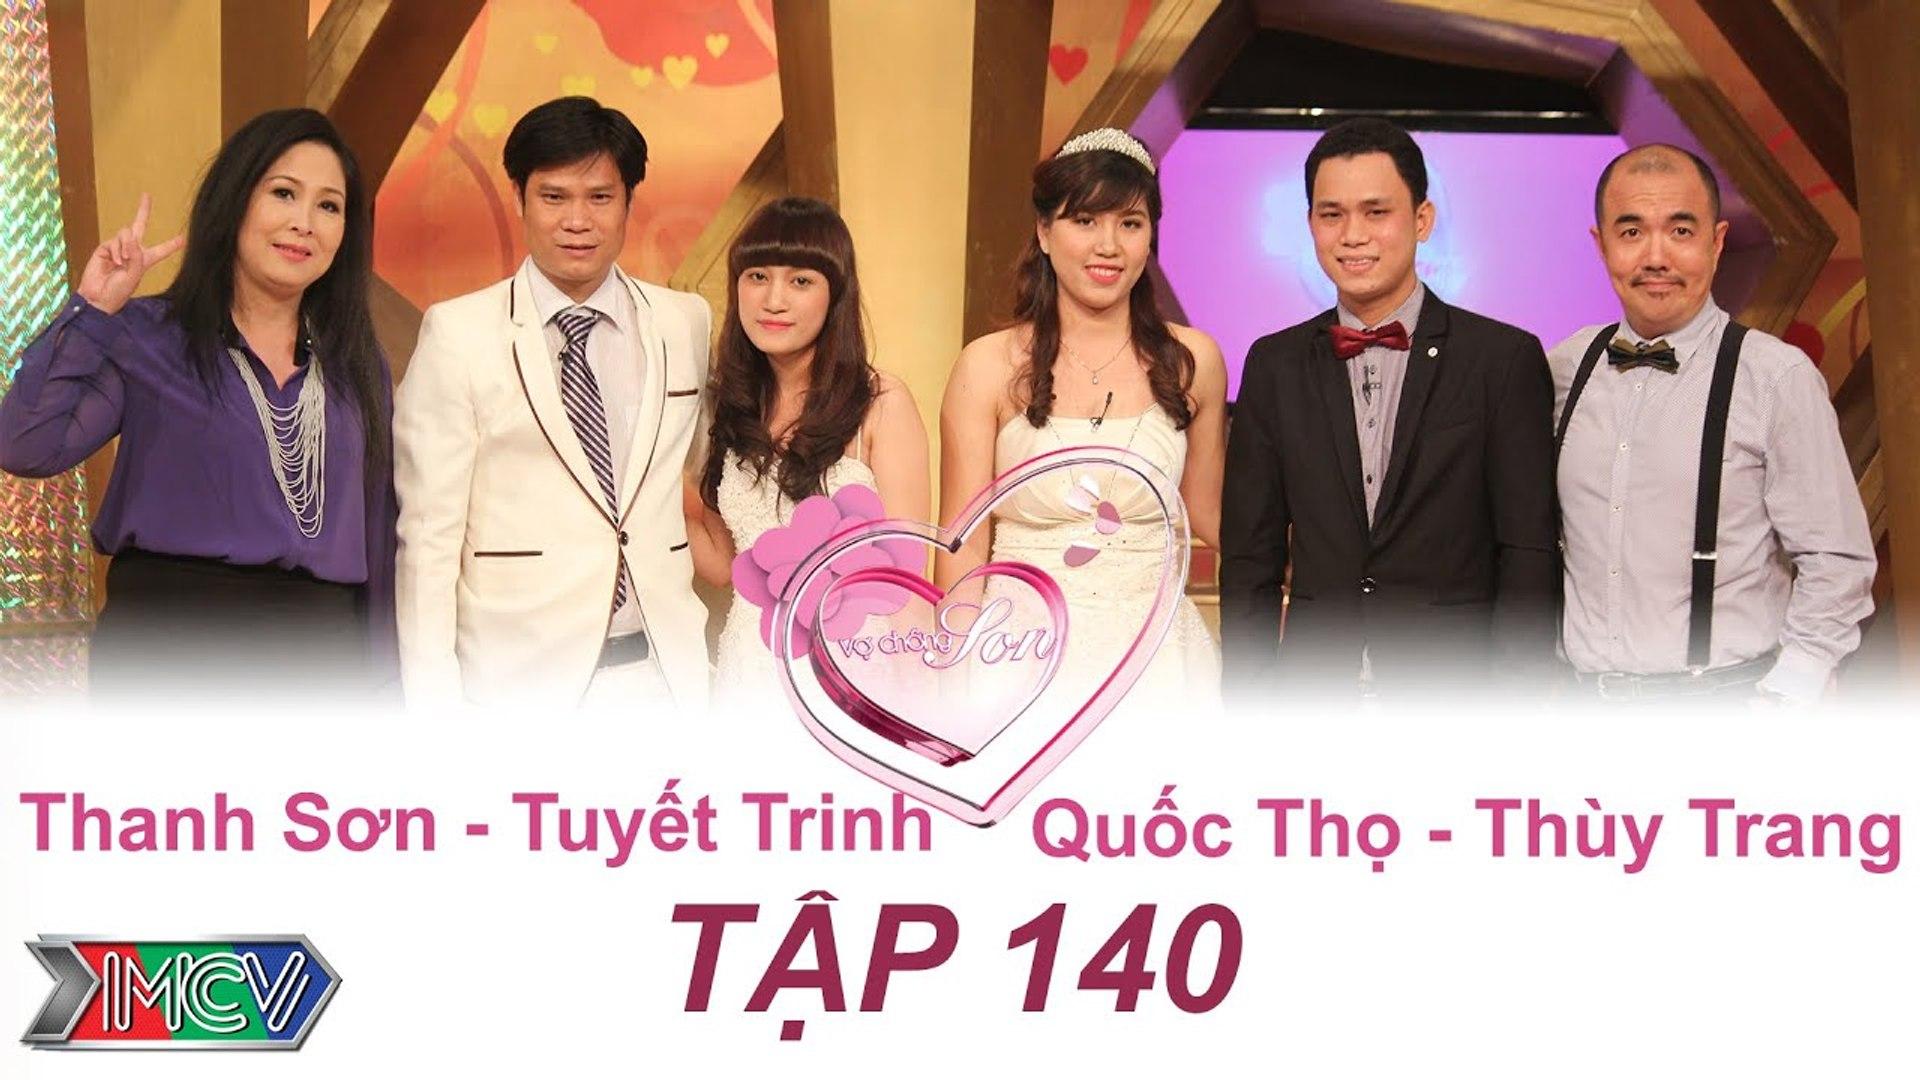 VỢ CHỒNG SON - Tập 140 _ Thanh Sơn - Tuyết Trinh _ Quốc Thọ - Thùy Trang